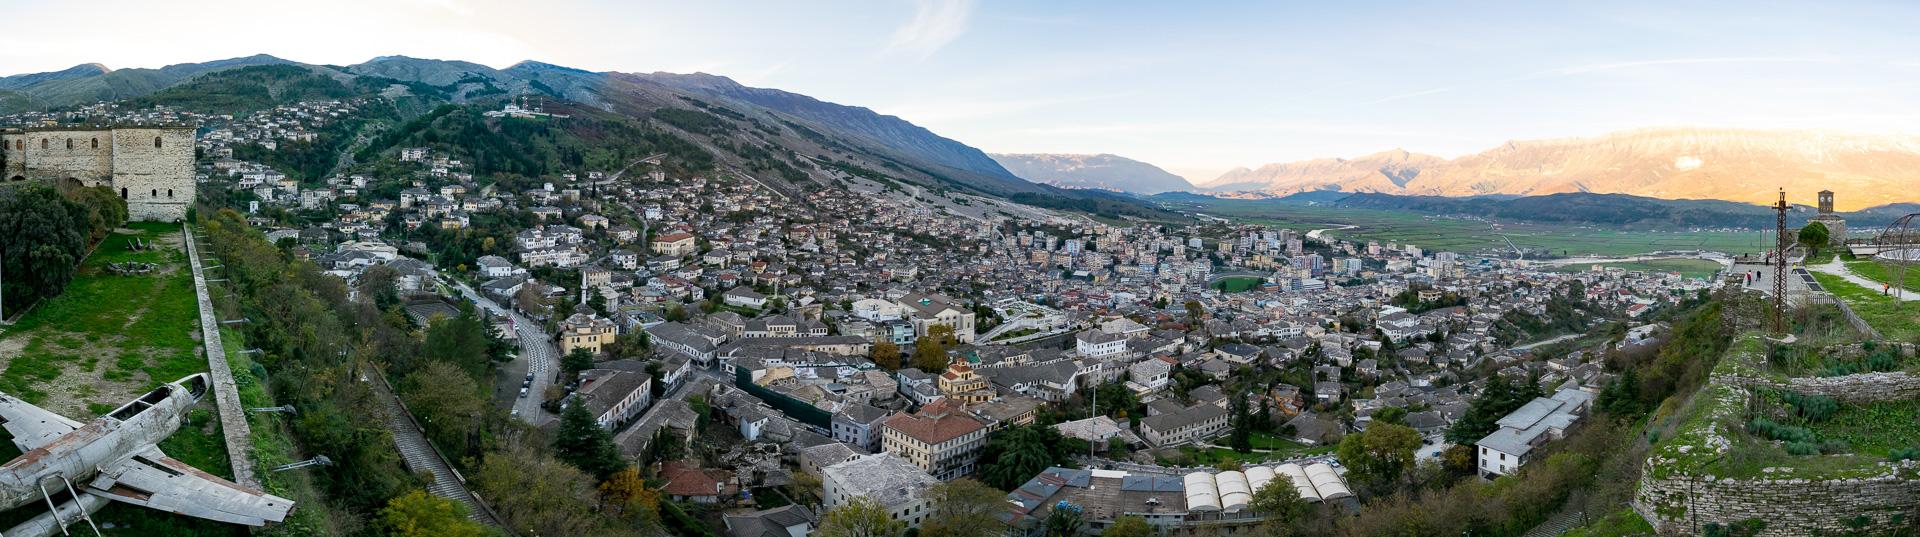 ジオカストラ城からジオカストラの街を鳥瞰